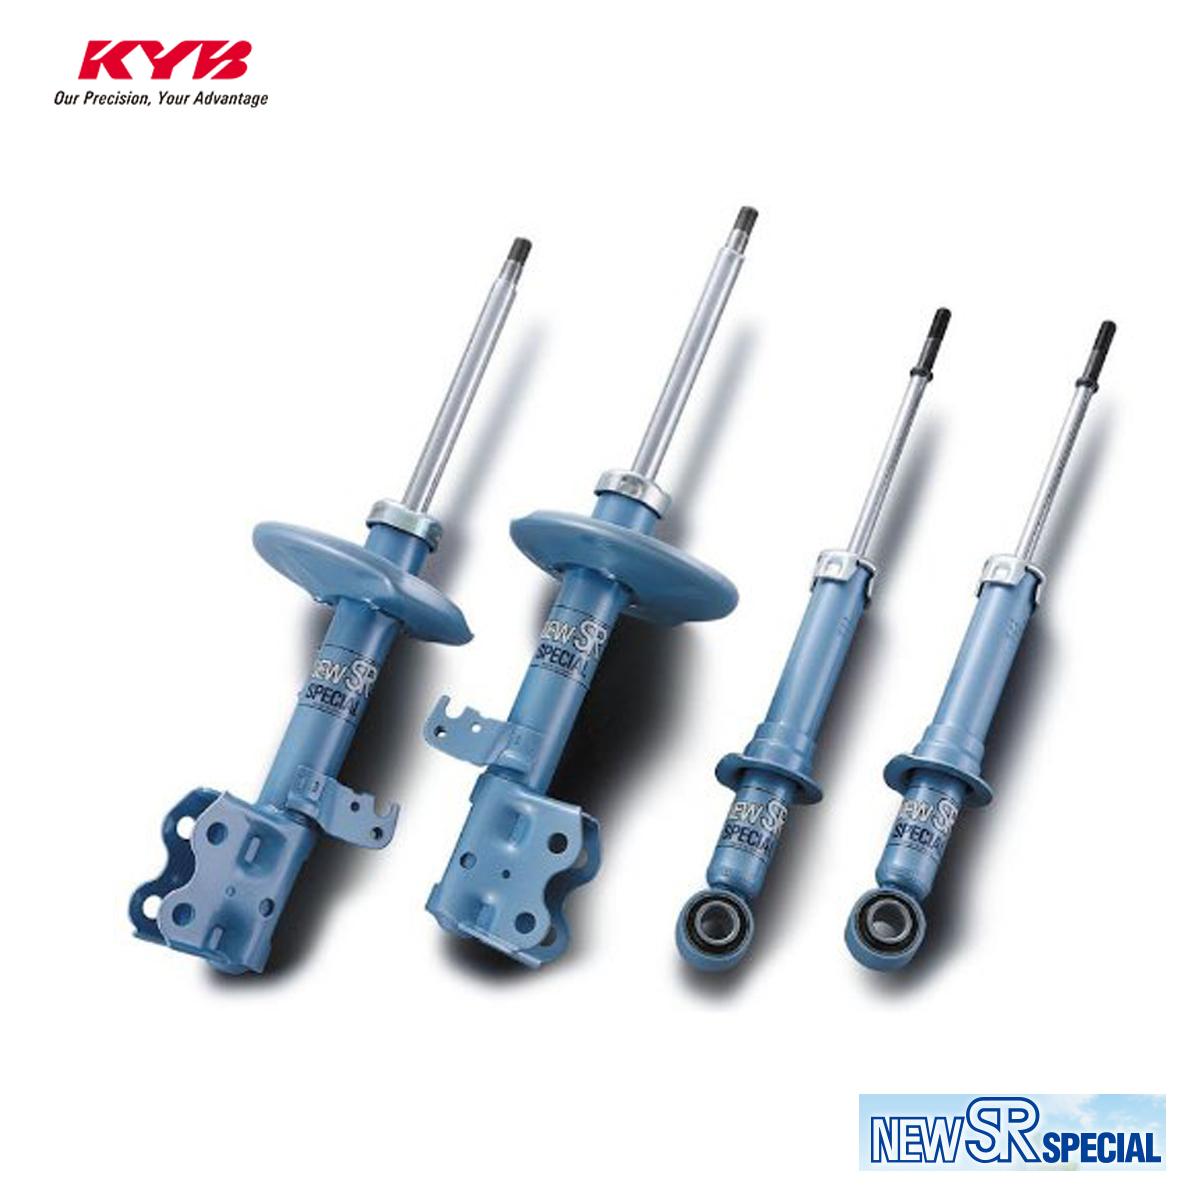 KYB カヤバ カムリグラシア SXV20W MCV21W ショックアブソーバー リア 右用 1本 ニュー SRスペシャル 単品 NEW SR SPECIAL NST5164R